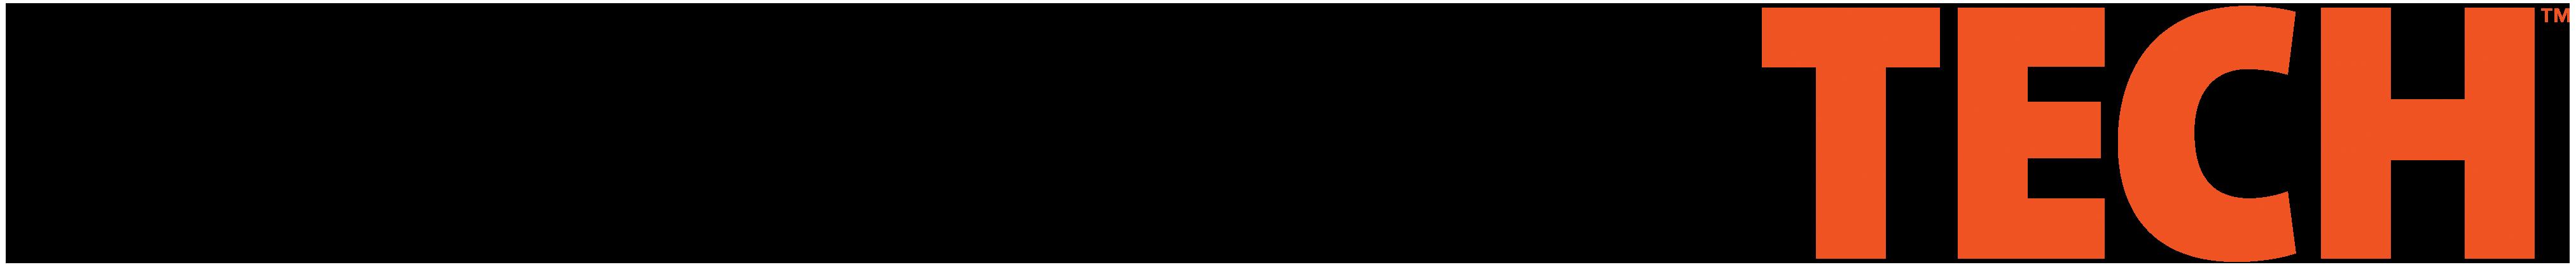 BlackStarTech